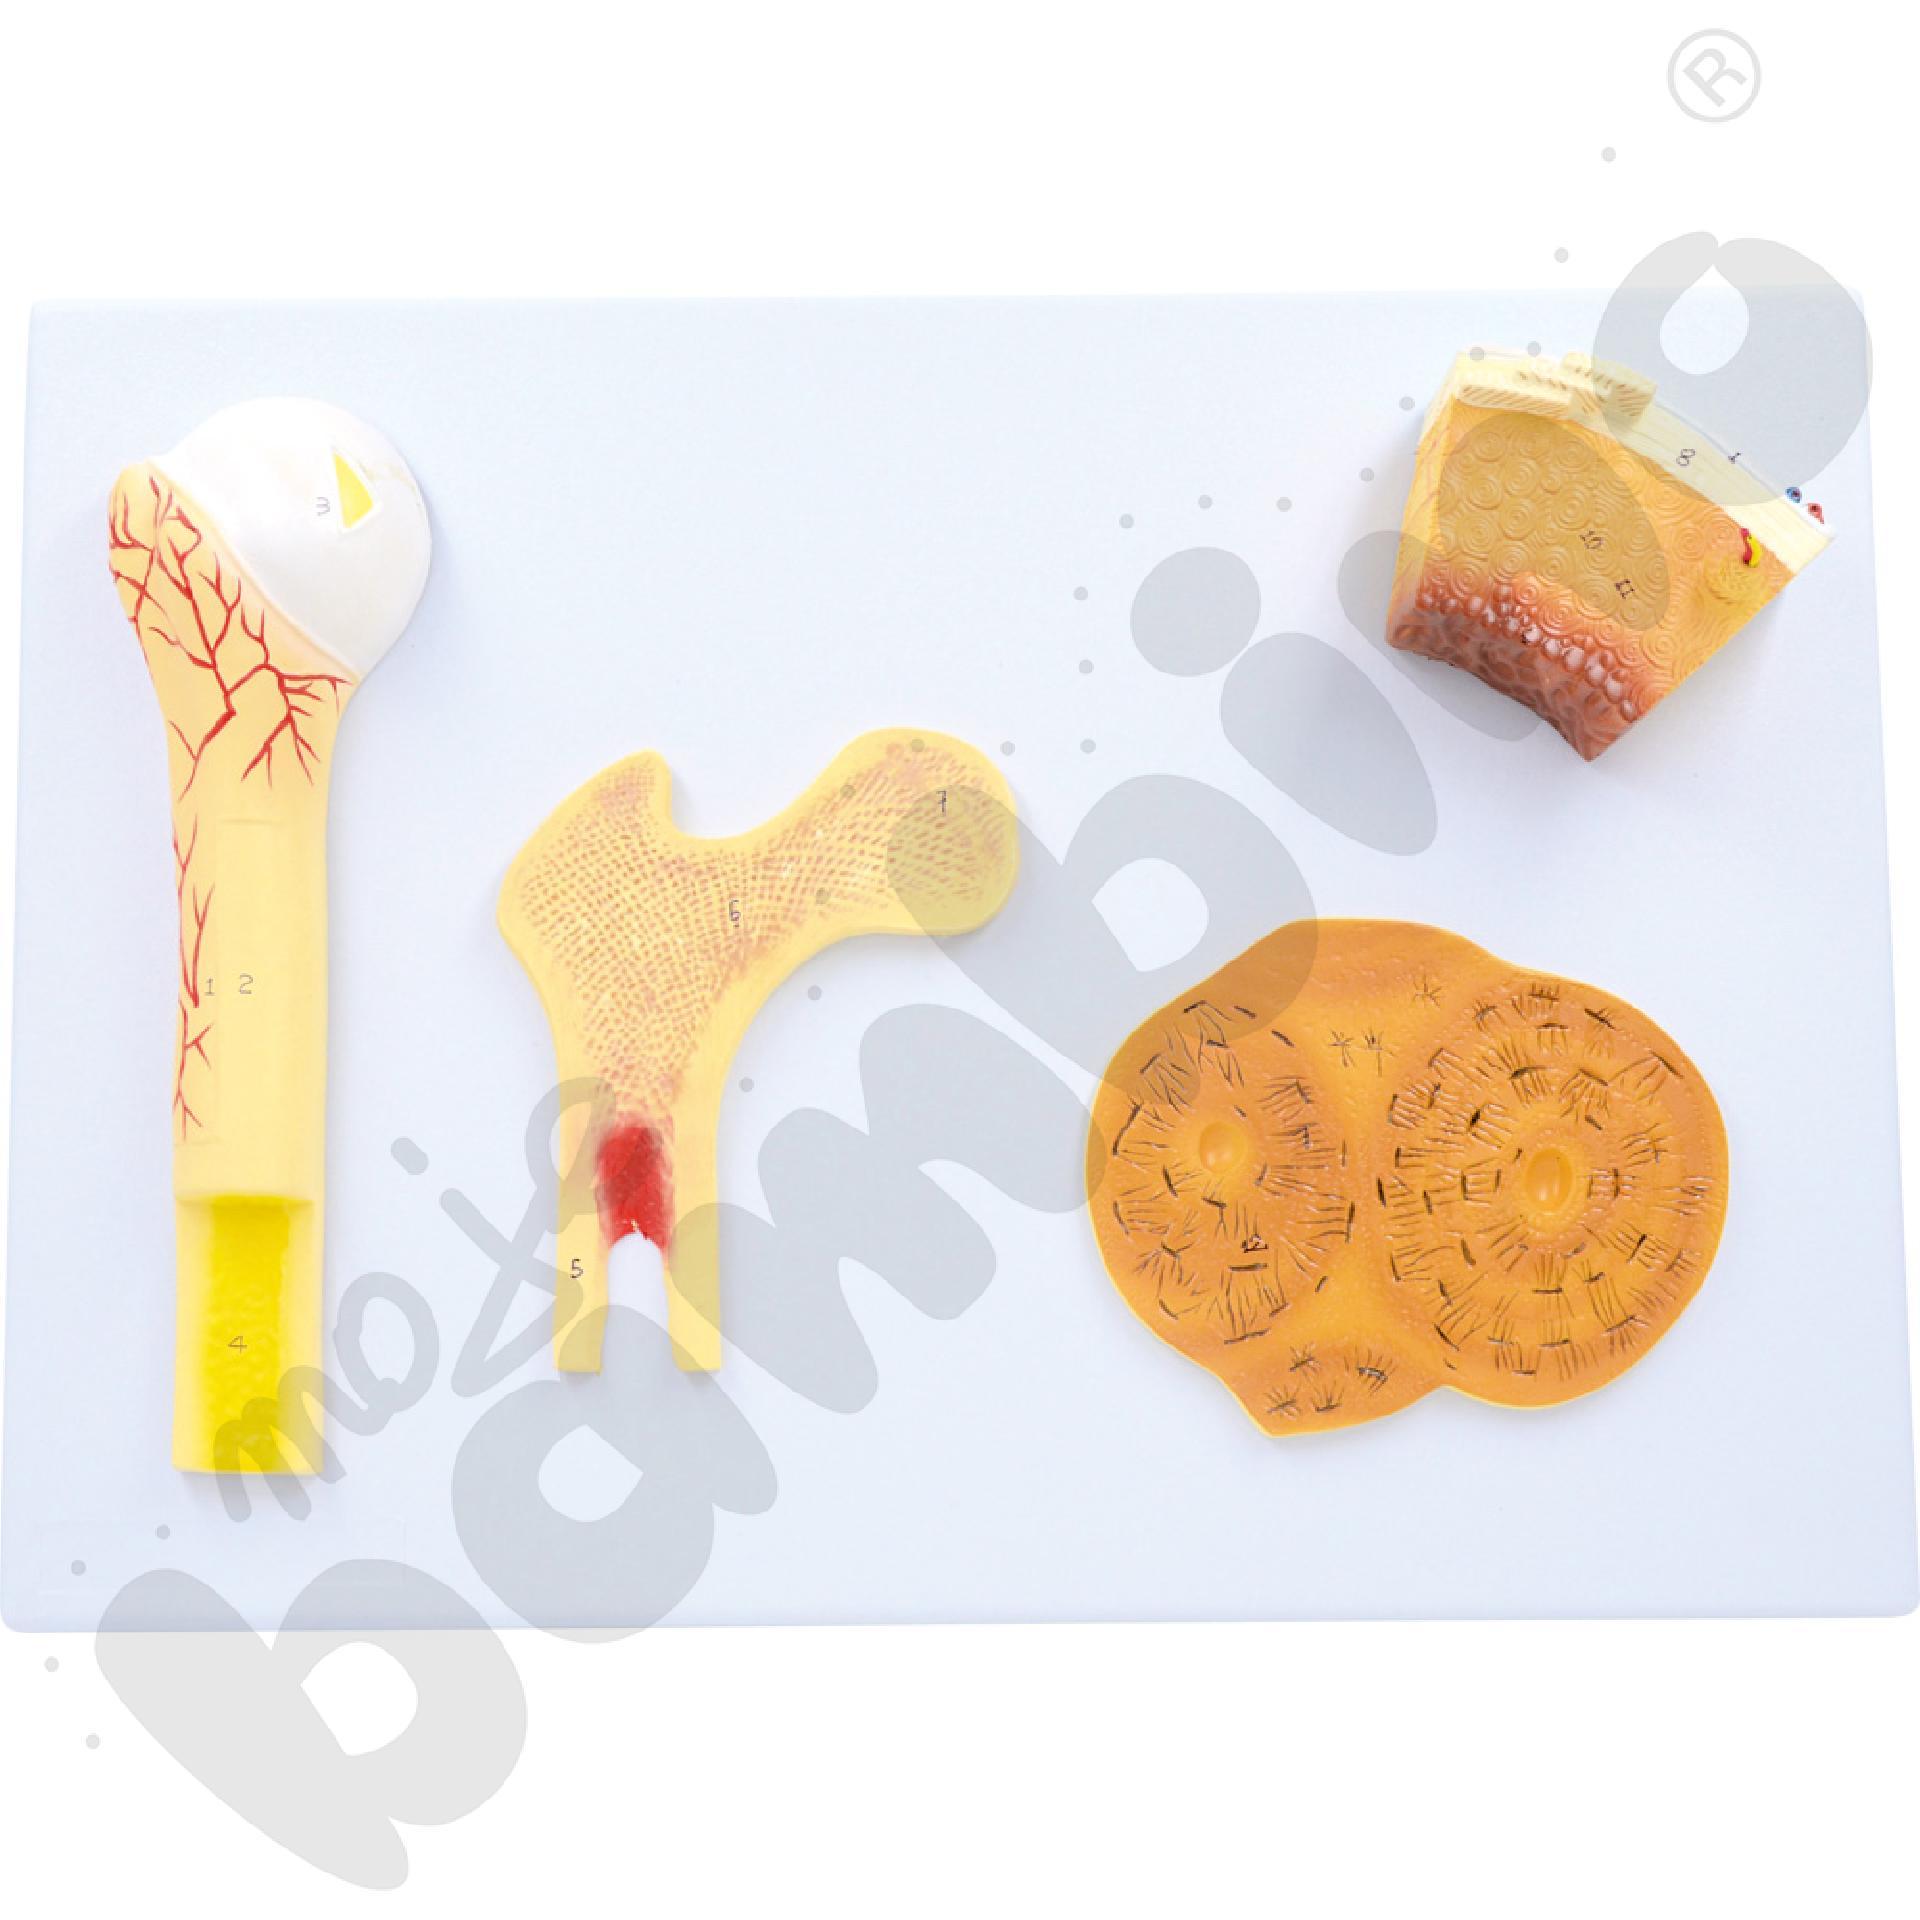 Przekrój kości - tablica